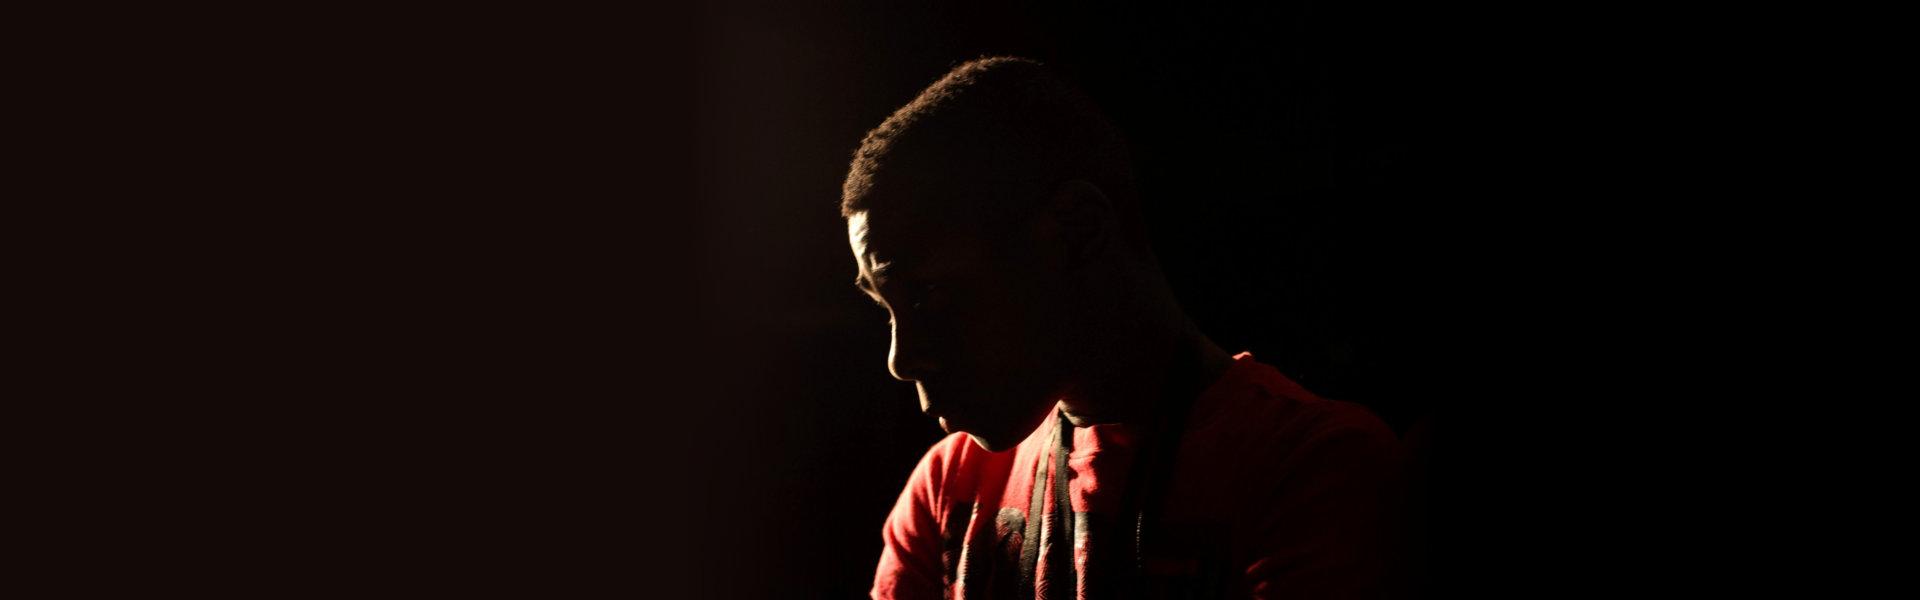 guy in a dark room